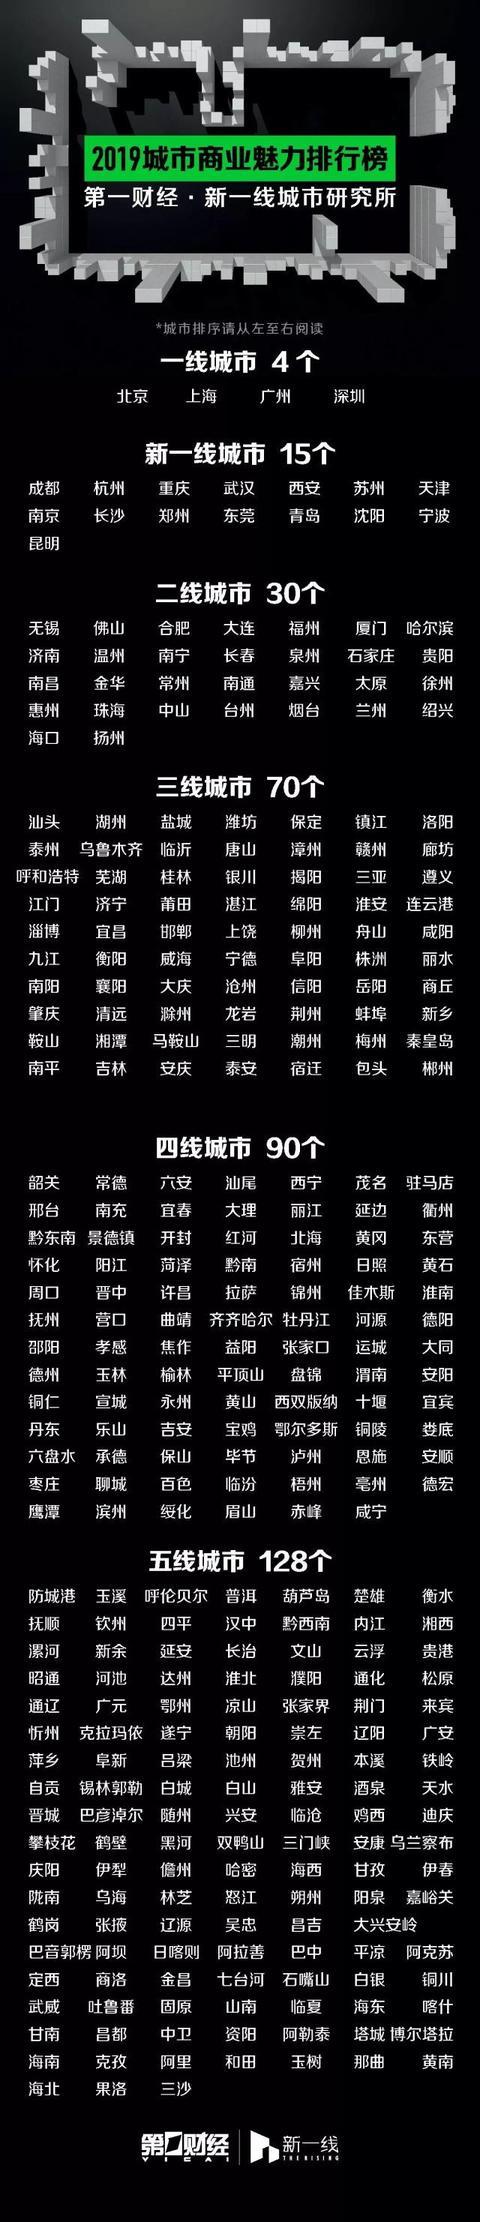 中国二线城市有哪些,2019年一二三四线城市最新排名